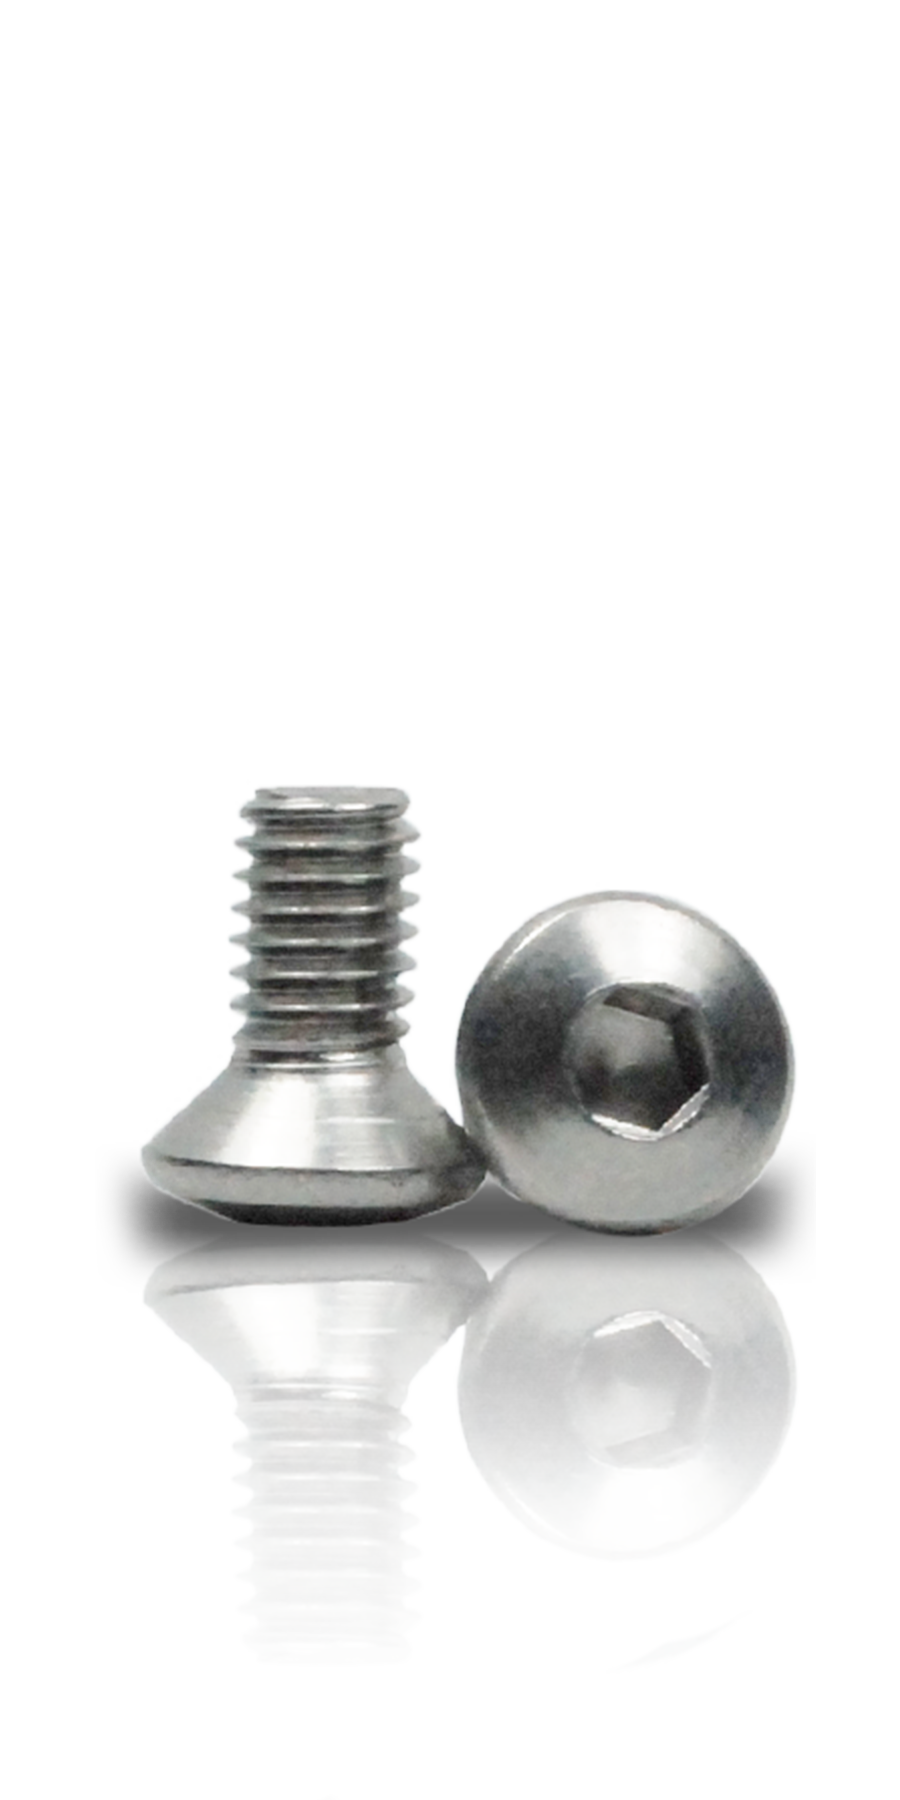 Viti per accessori alluminio 10